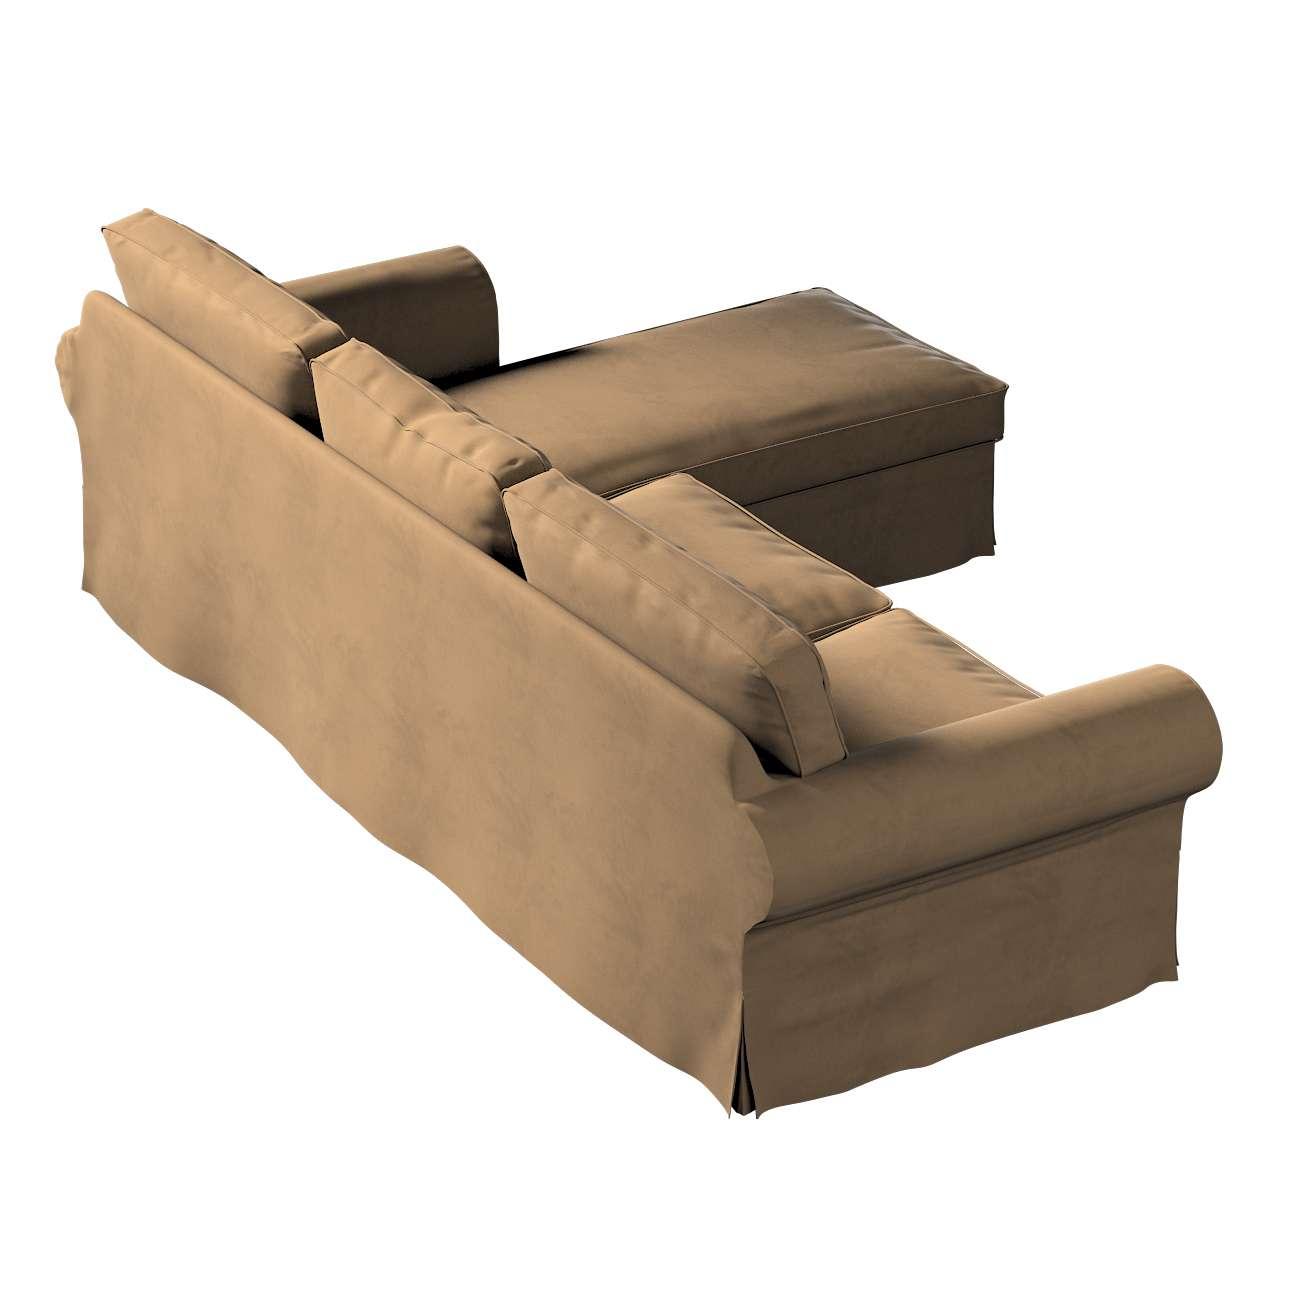 Pokrowiec na sofę Ektorp 2-osobową i leżankę w kolekcji Living II, tkanina: 160-94